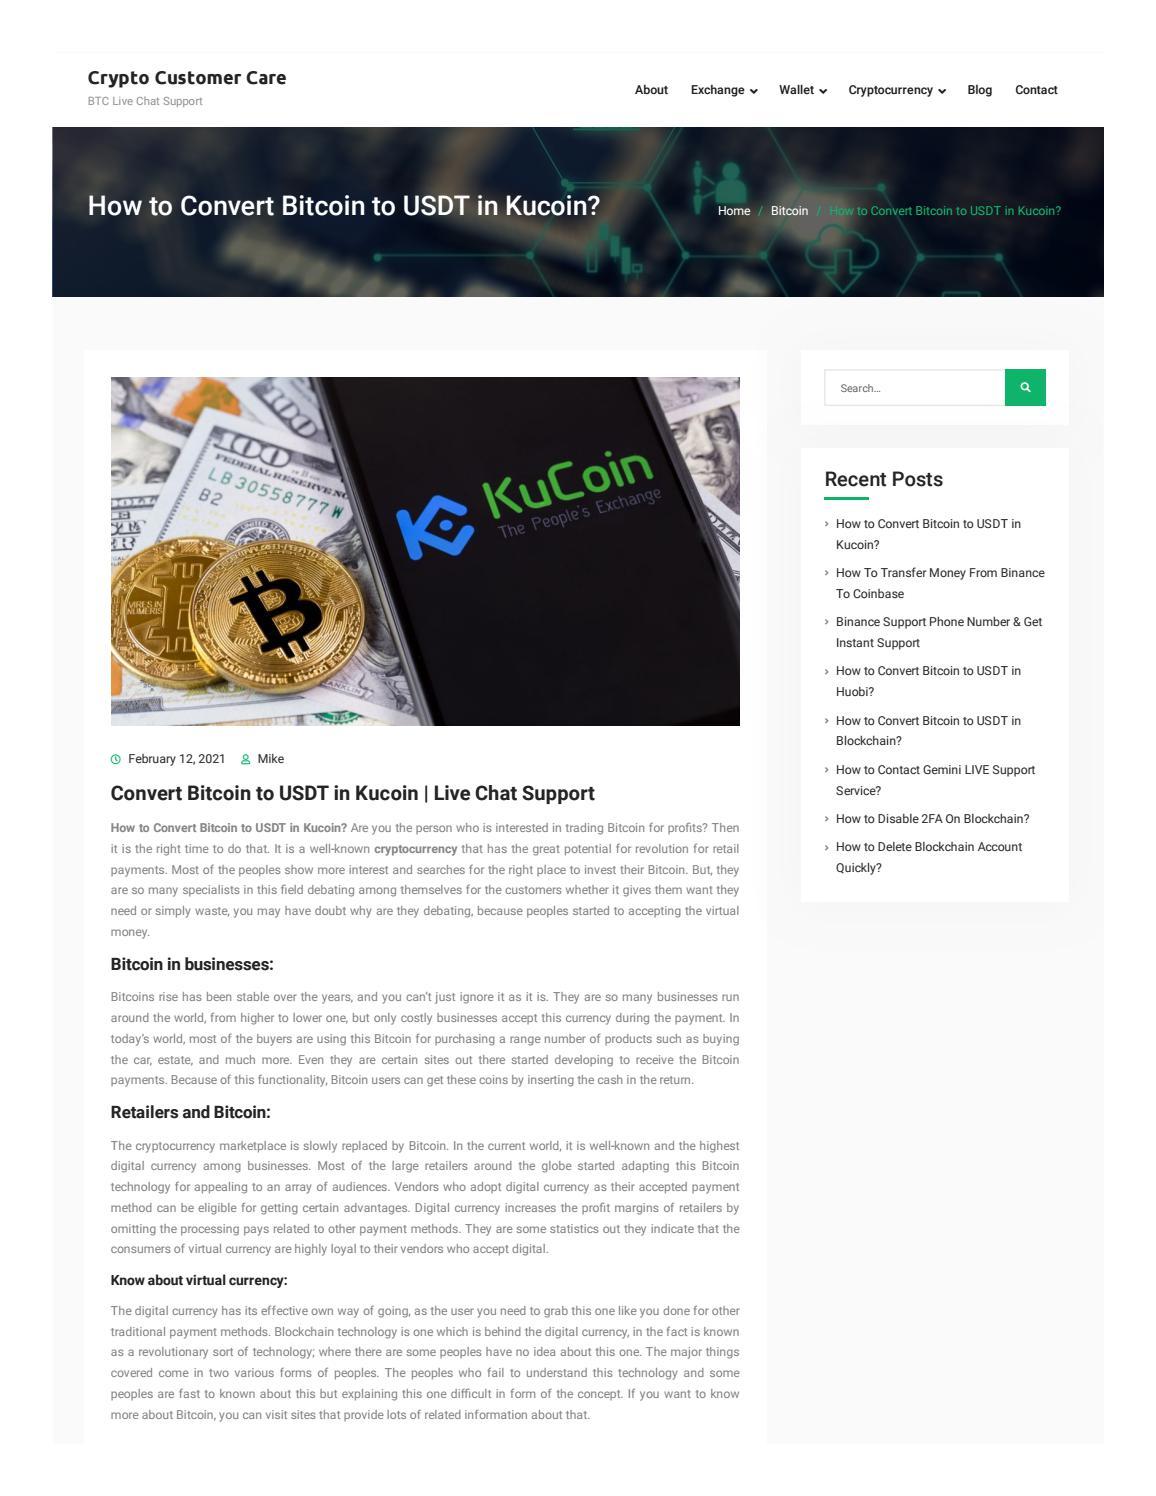 acquistare criptovalute in banca come funziona trader bitcoin